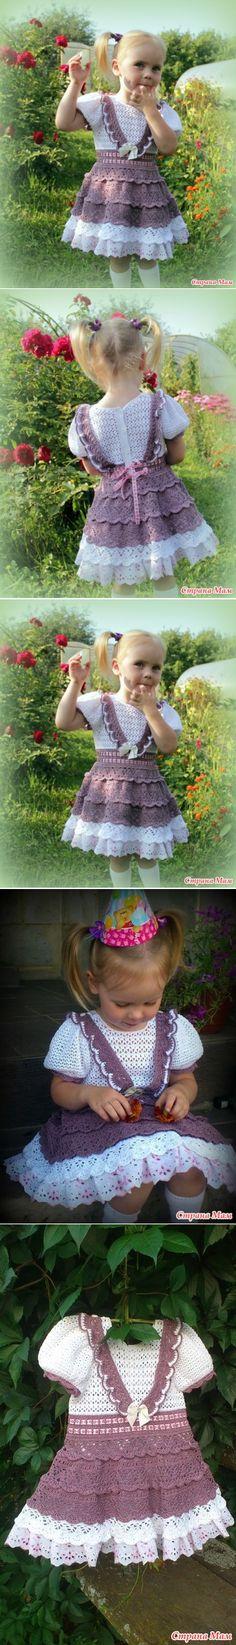 Праздничное платье для Наташи-или веселый день рождения - Вязание - Страна Мам